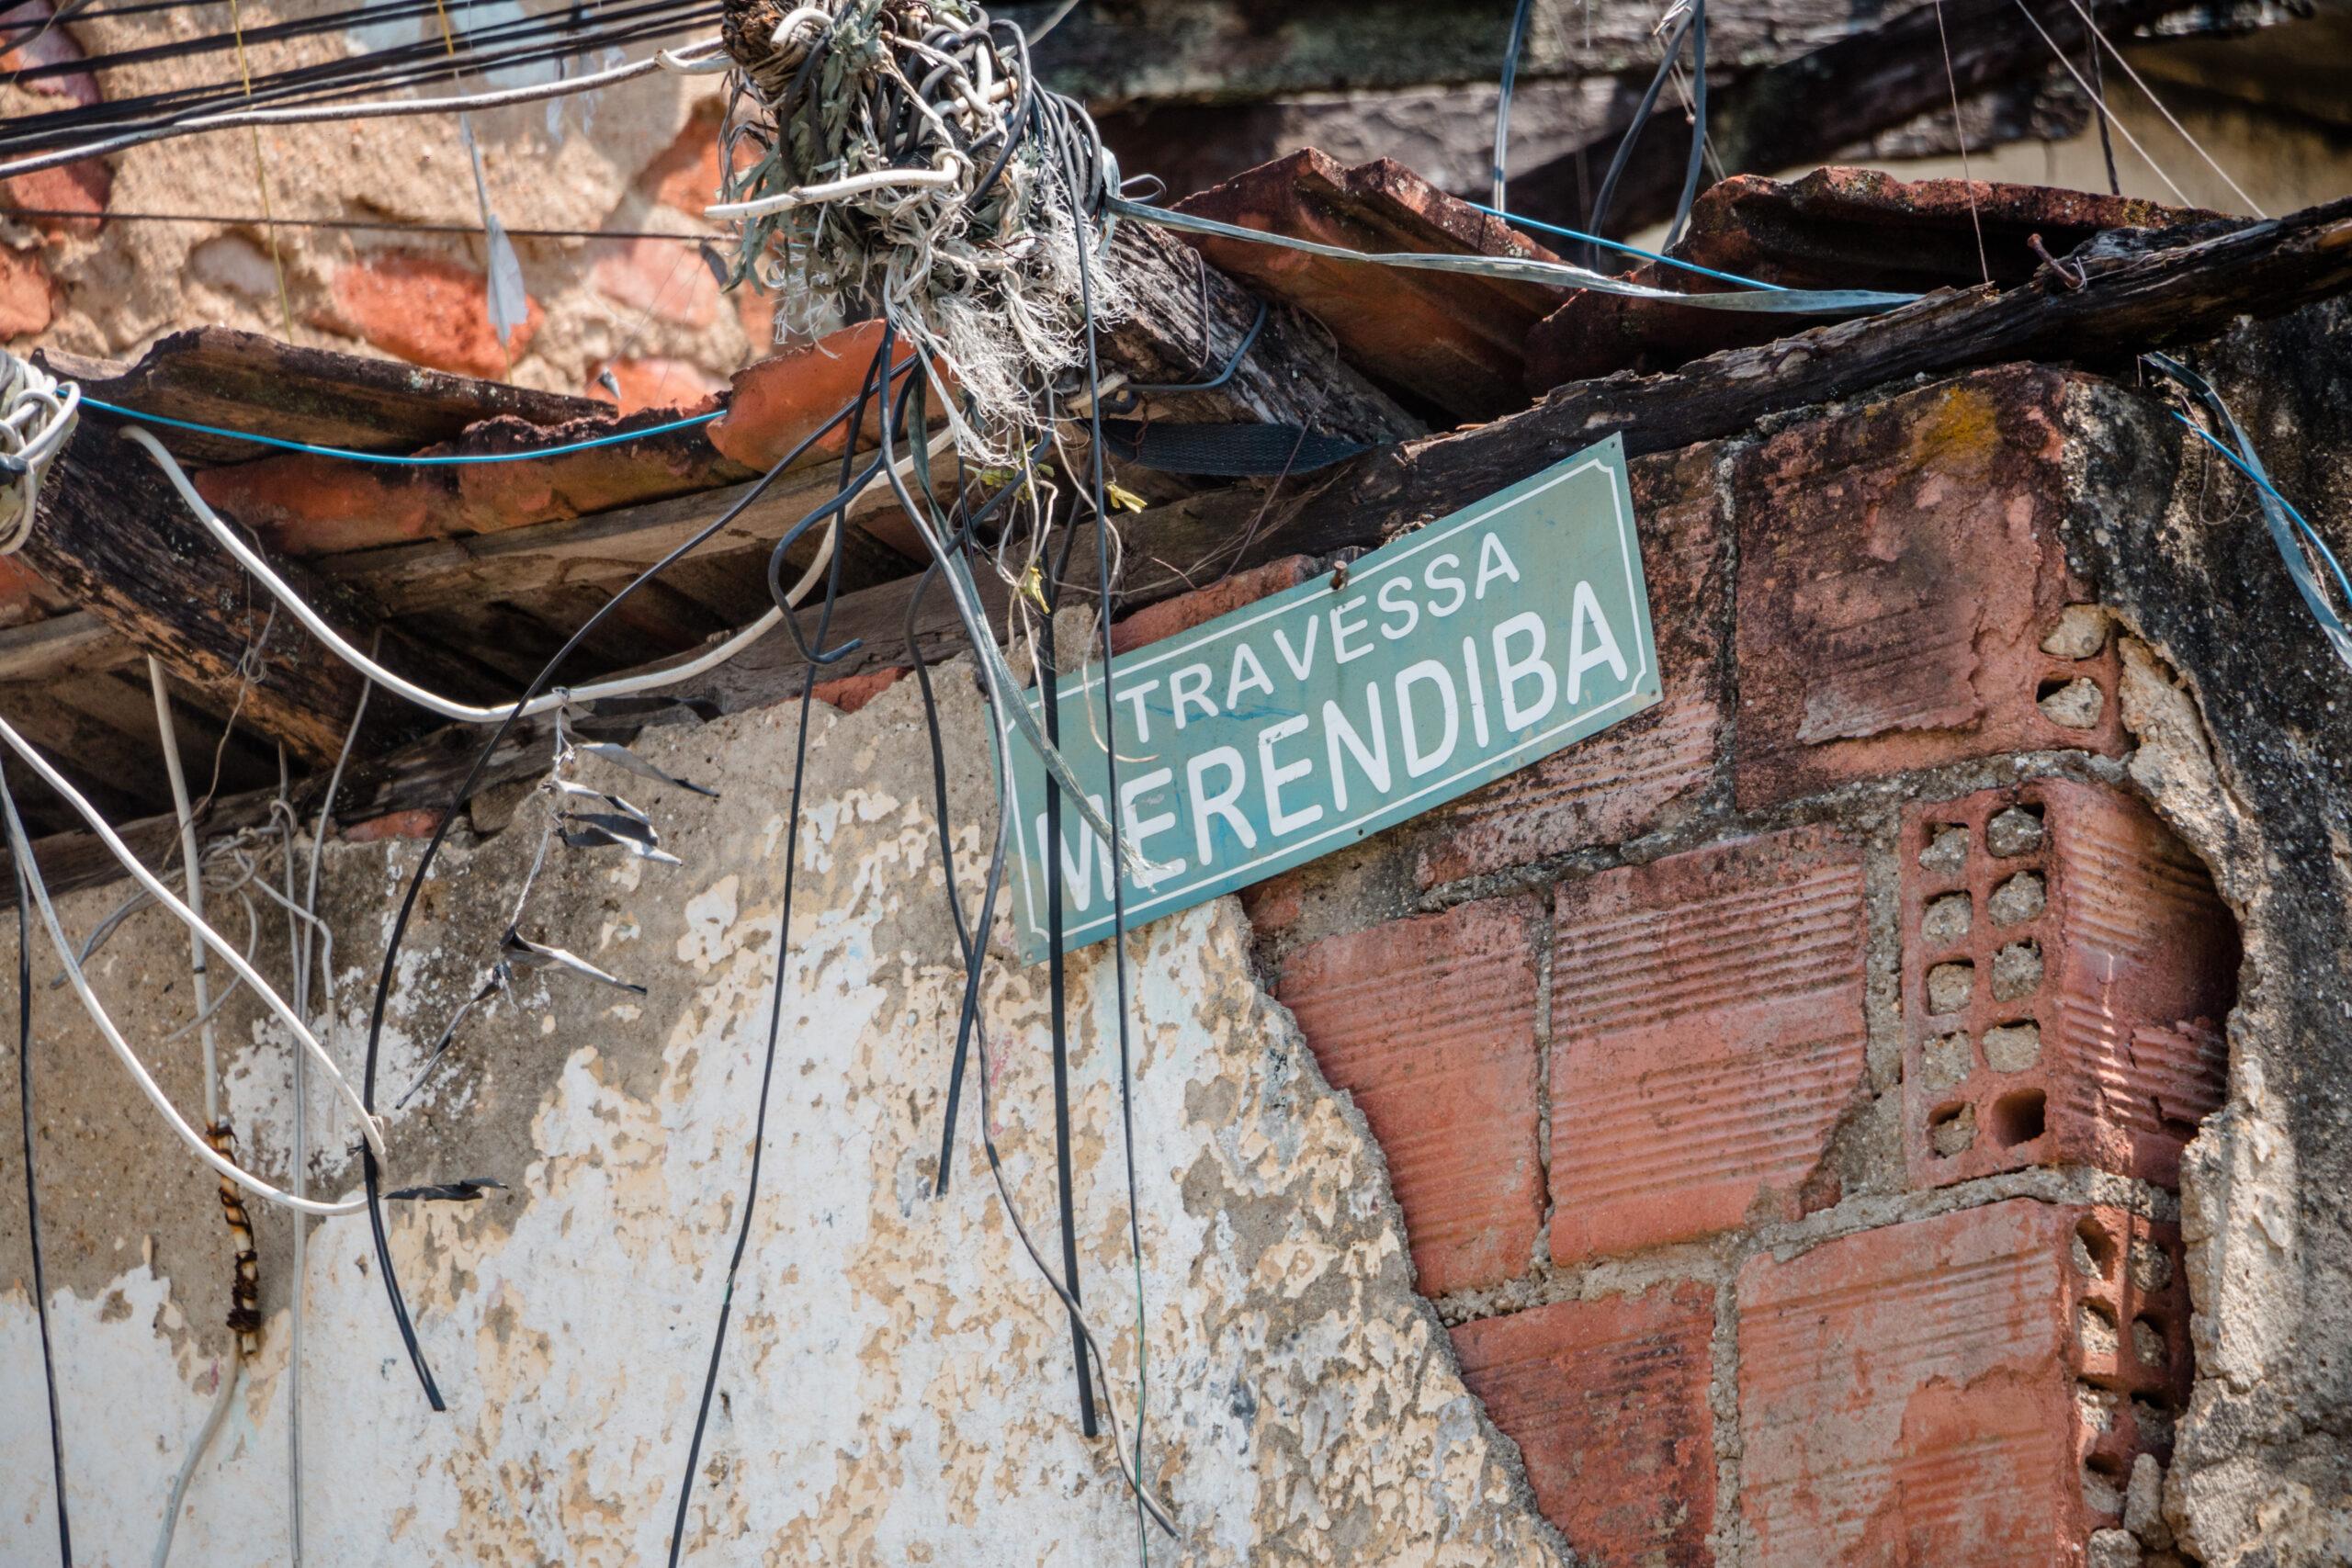 Moradores da Merendiba não se sentem seguros com patrulhamento ostensivo da polícia